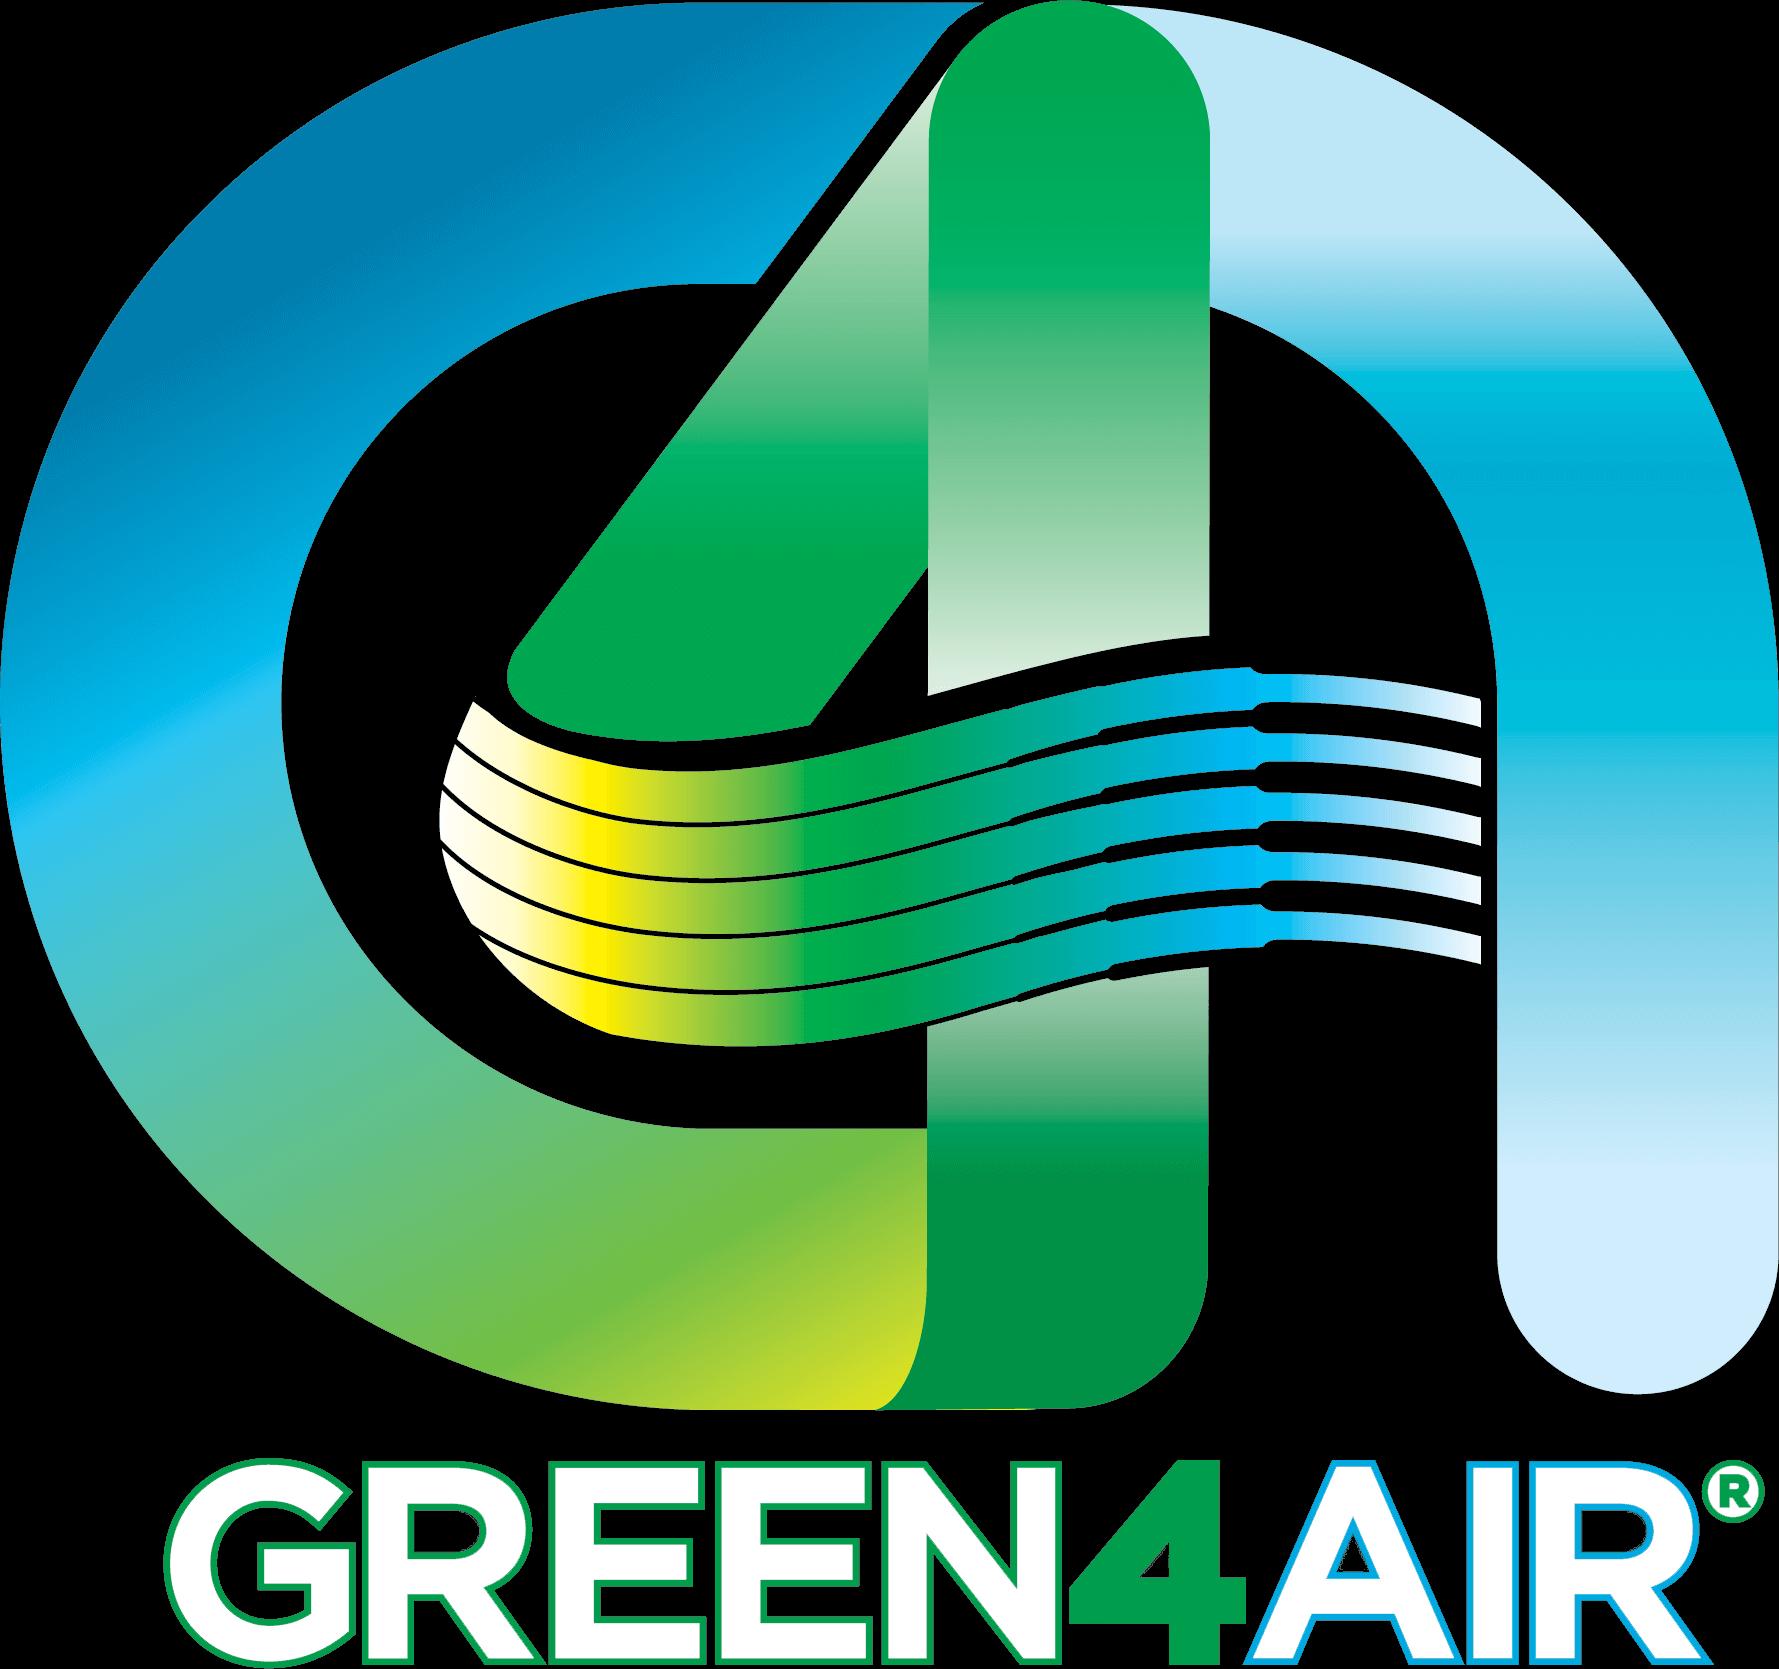 Green4Air